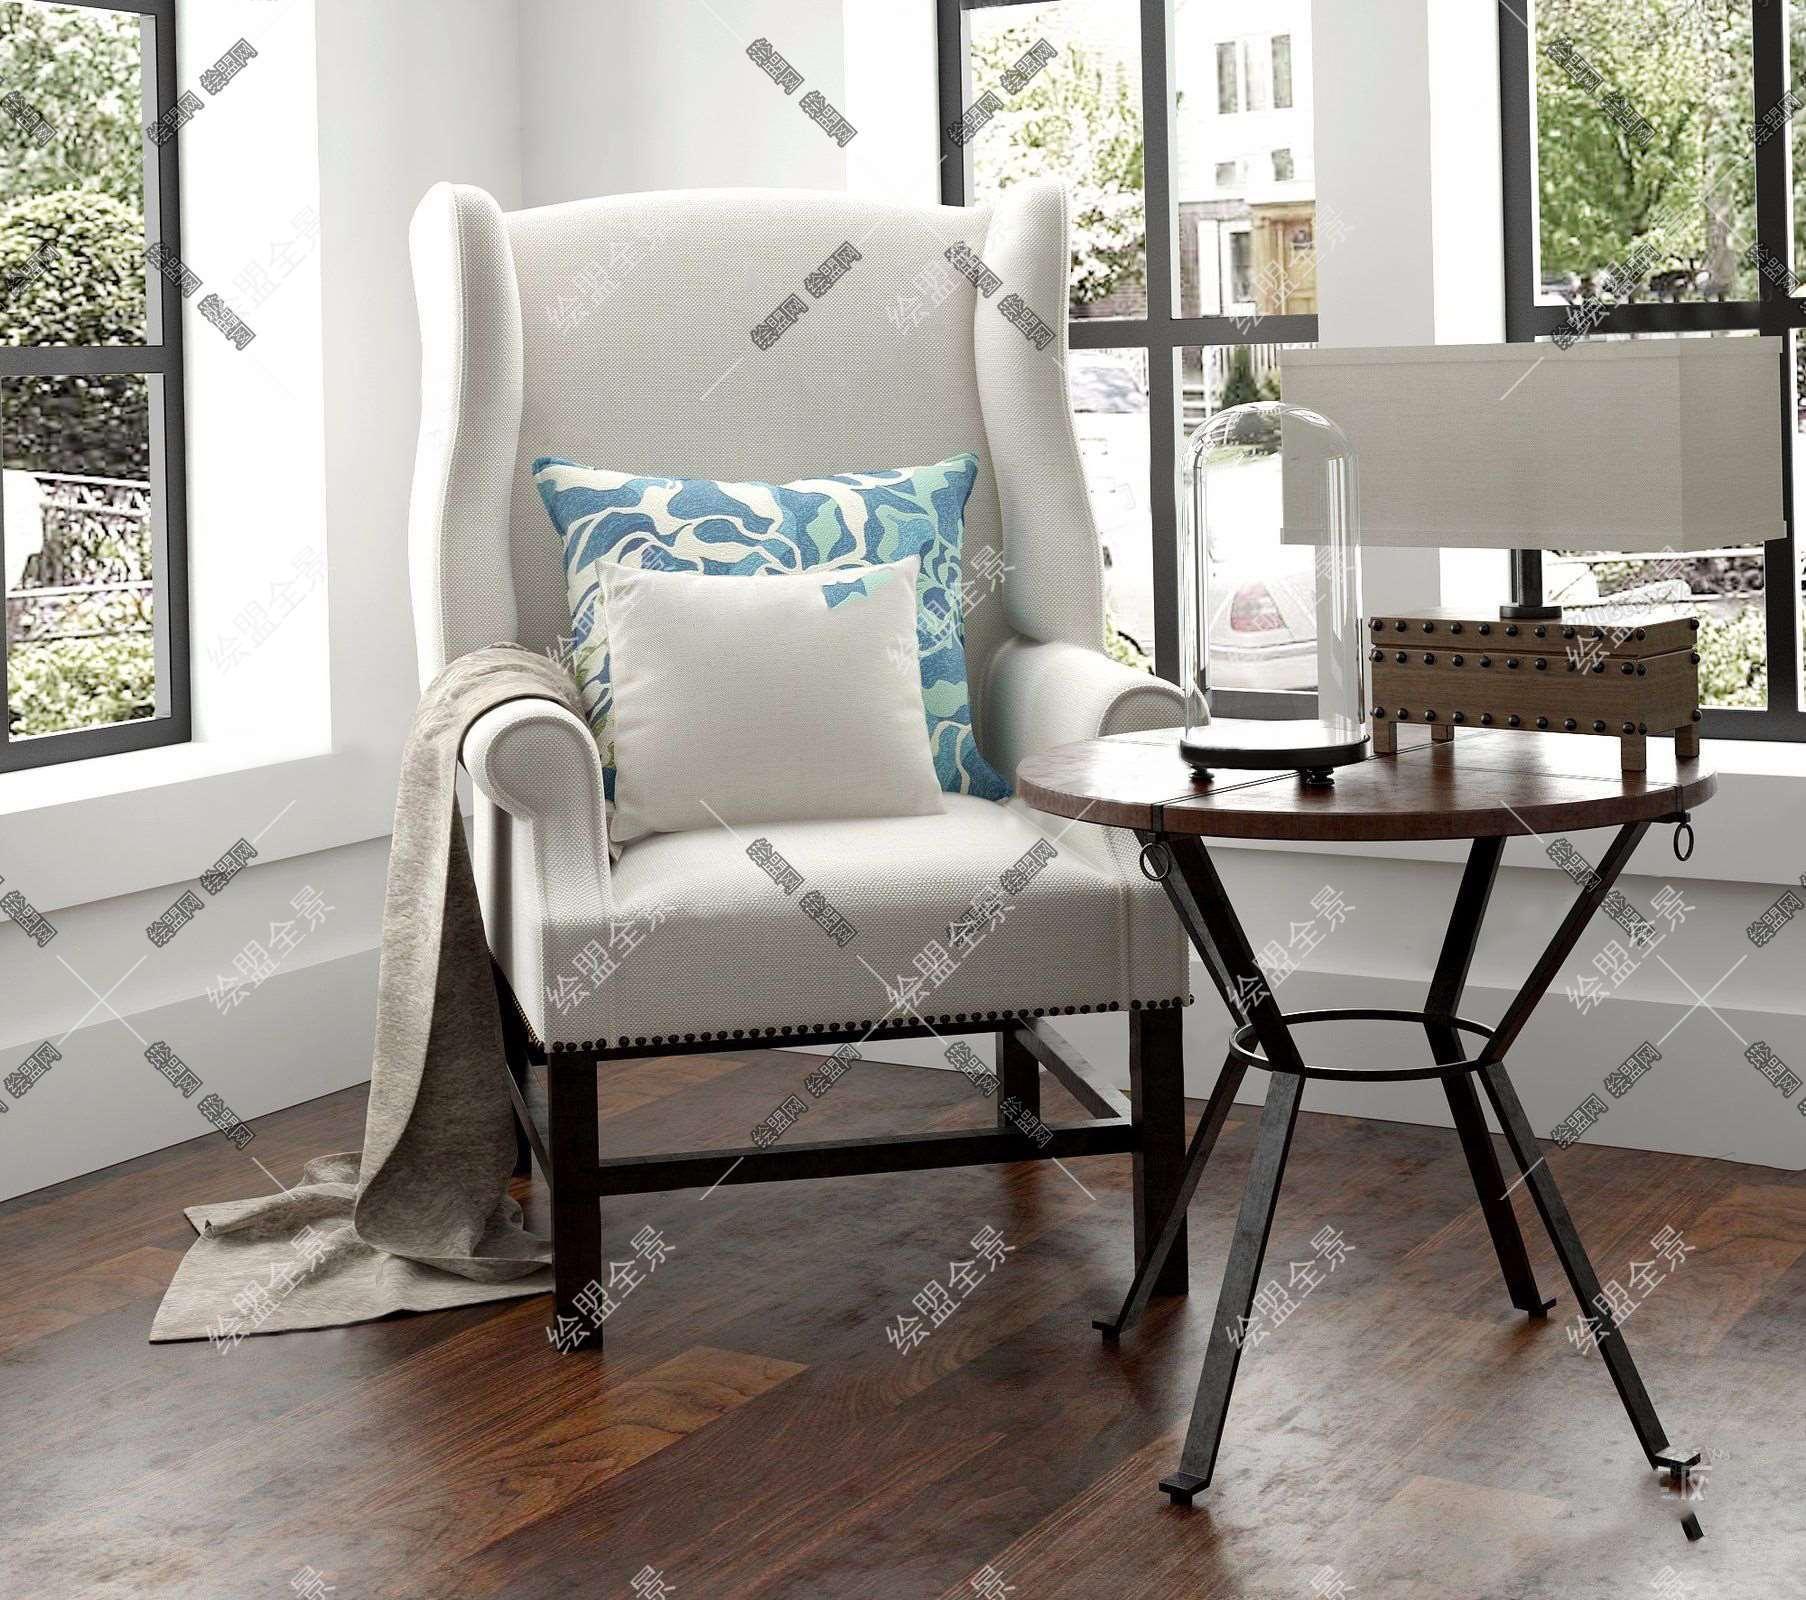 美式休闲沙发图片